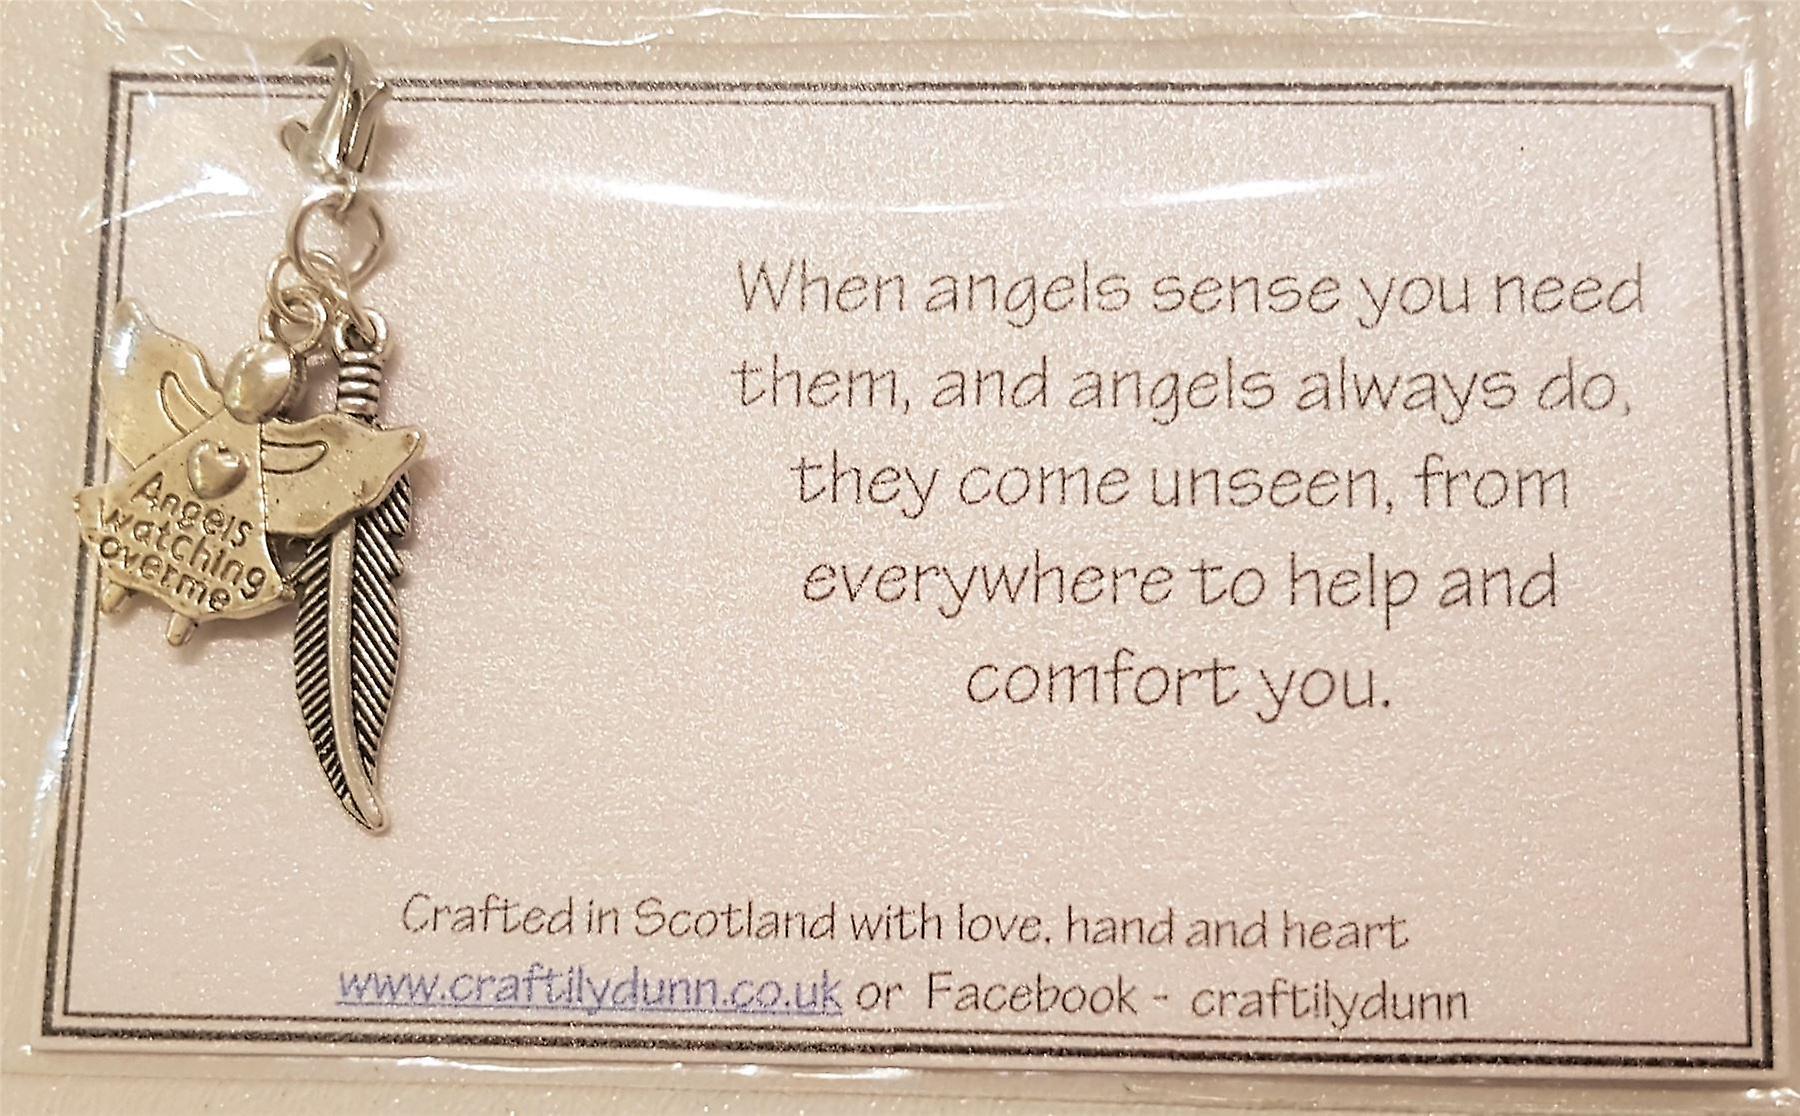 Craftilydunn Angel Memorial Card V2